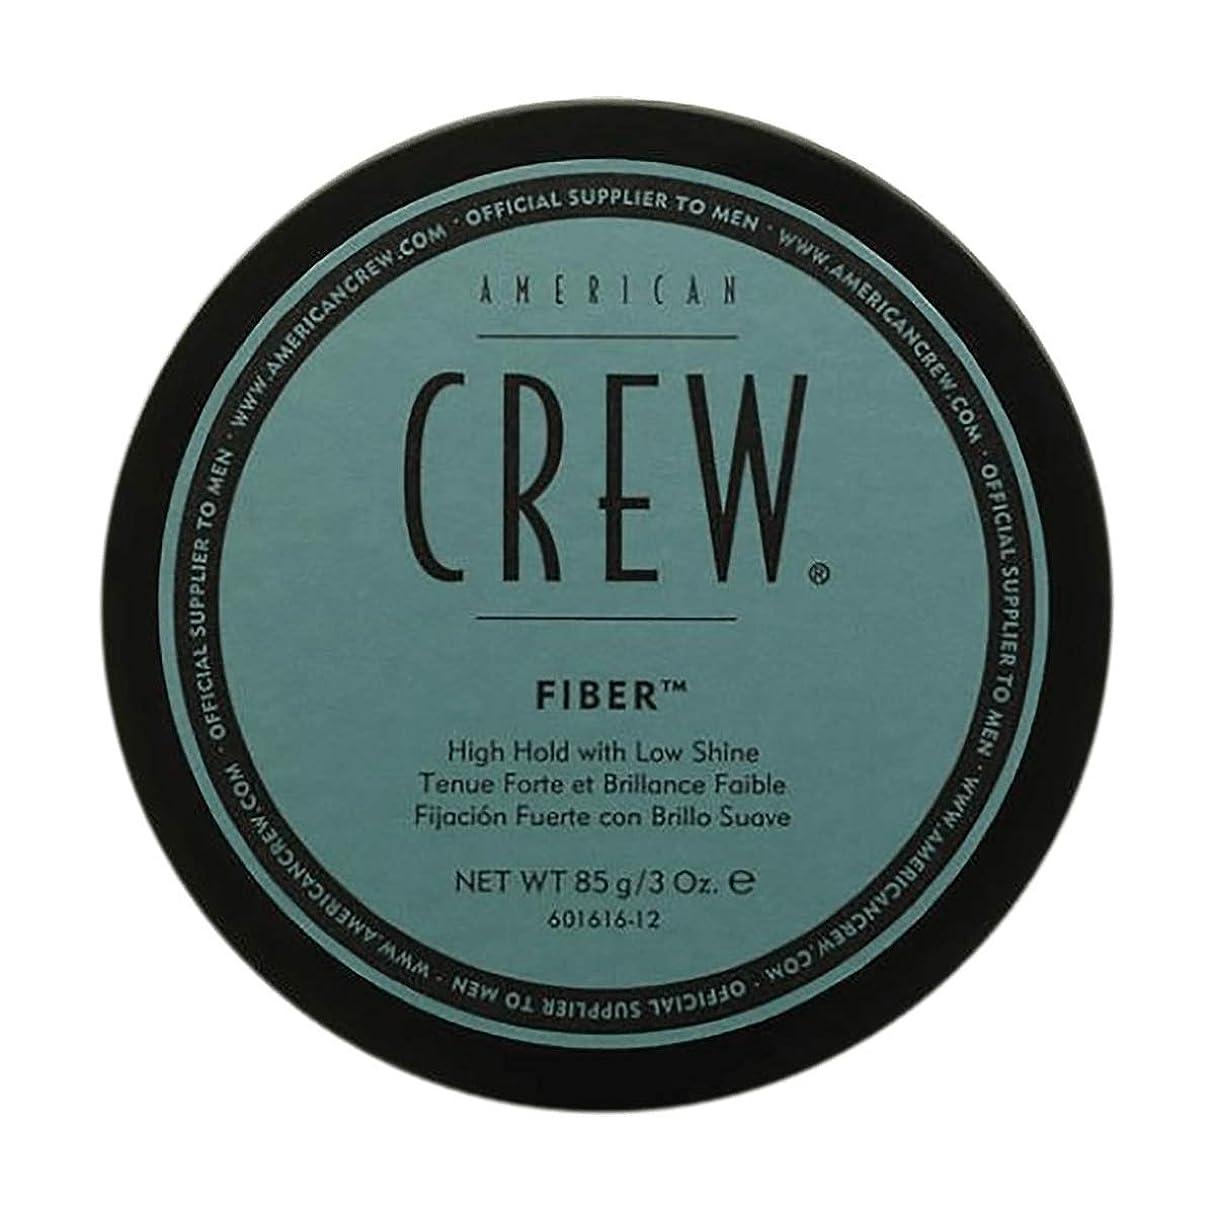 学部長見つける舌アメリカンクルー クラシック ファイバー American Crew Fiber 85g [並行輸入品]